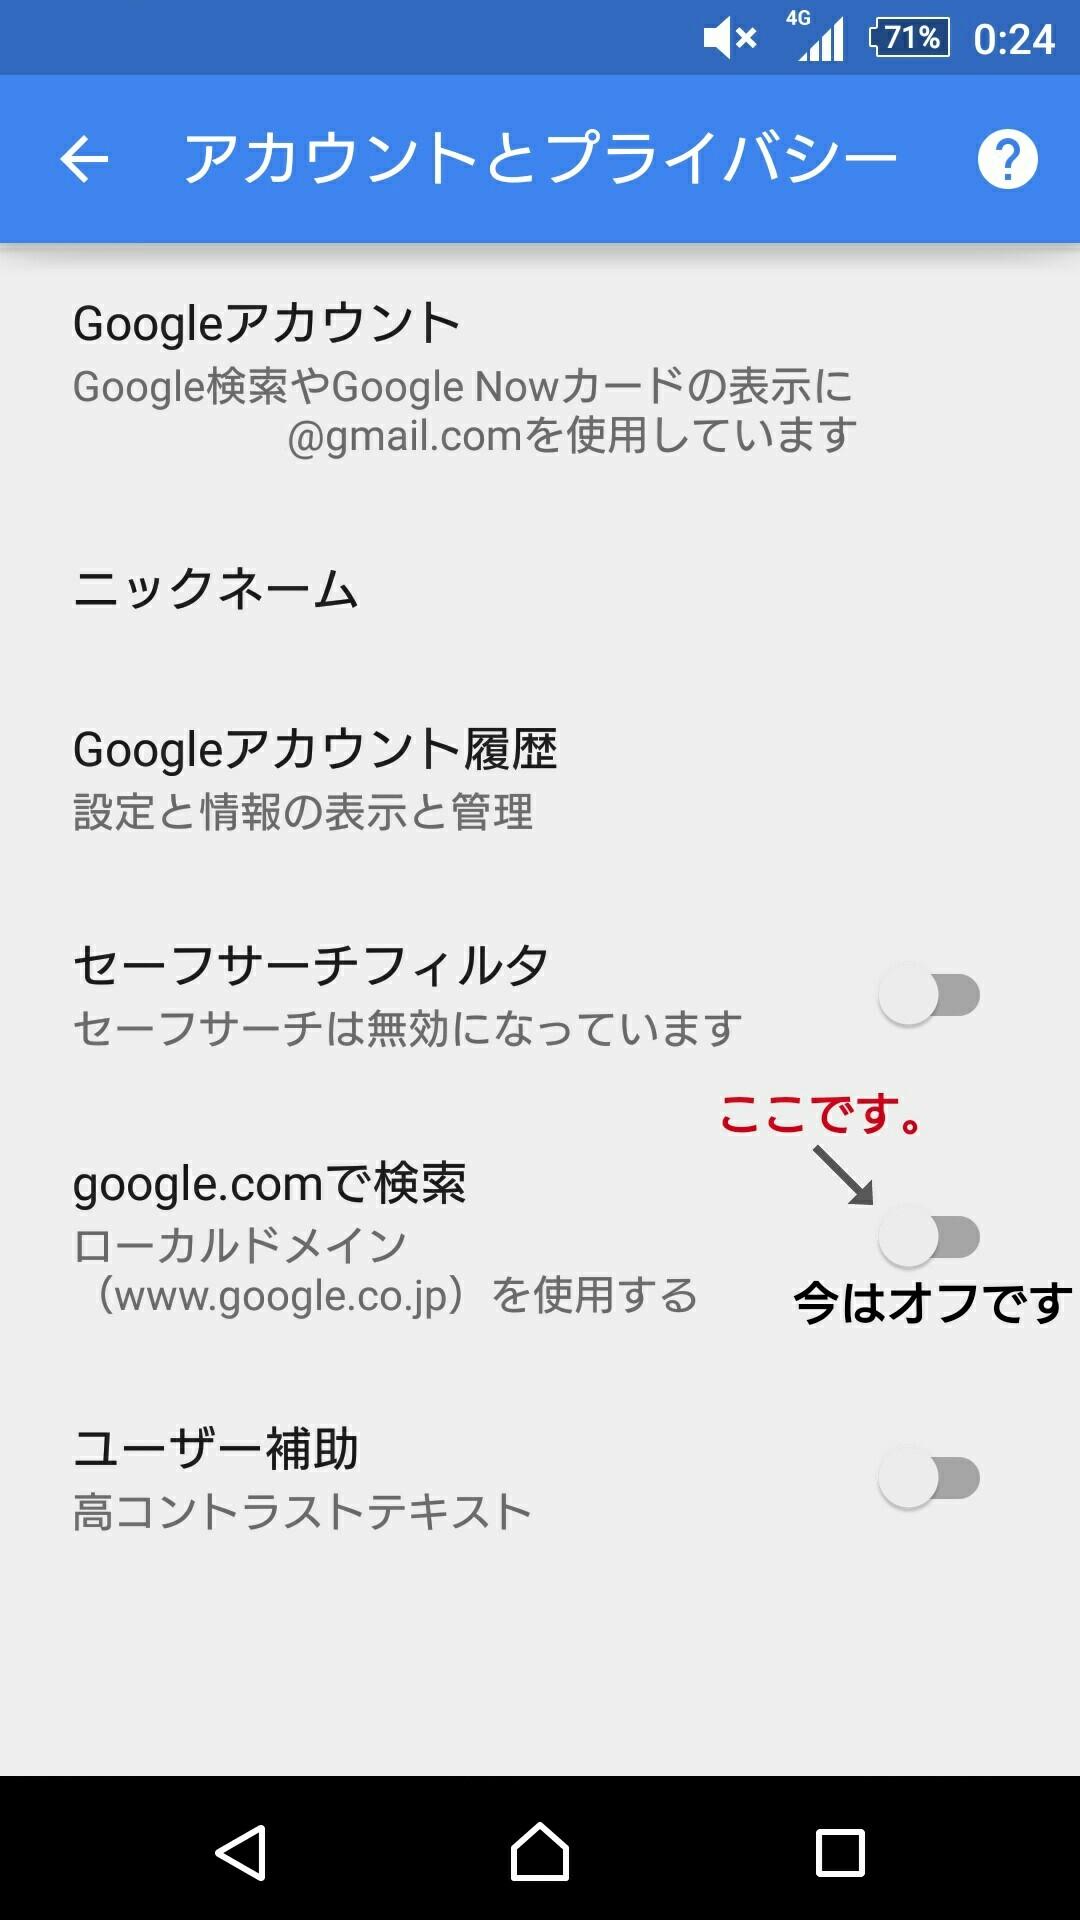 f:id:toufunokadohasokosokokatai:20170510103829j:plain